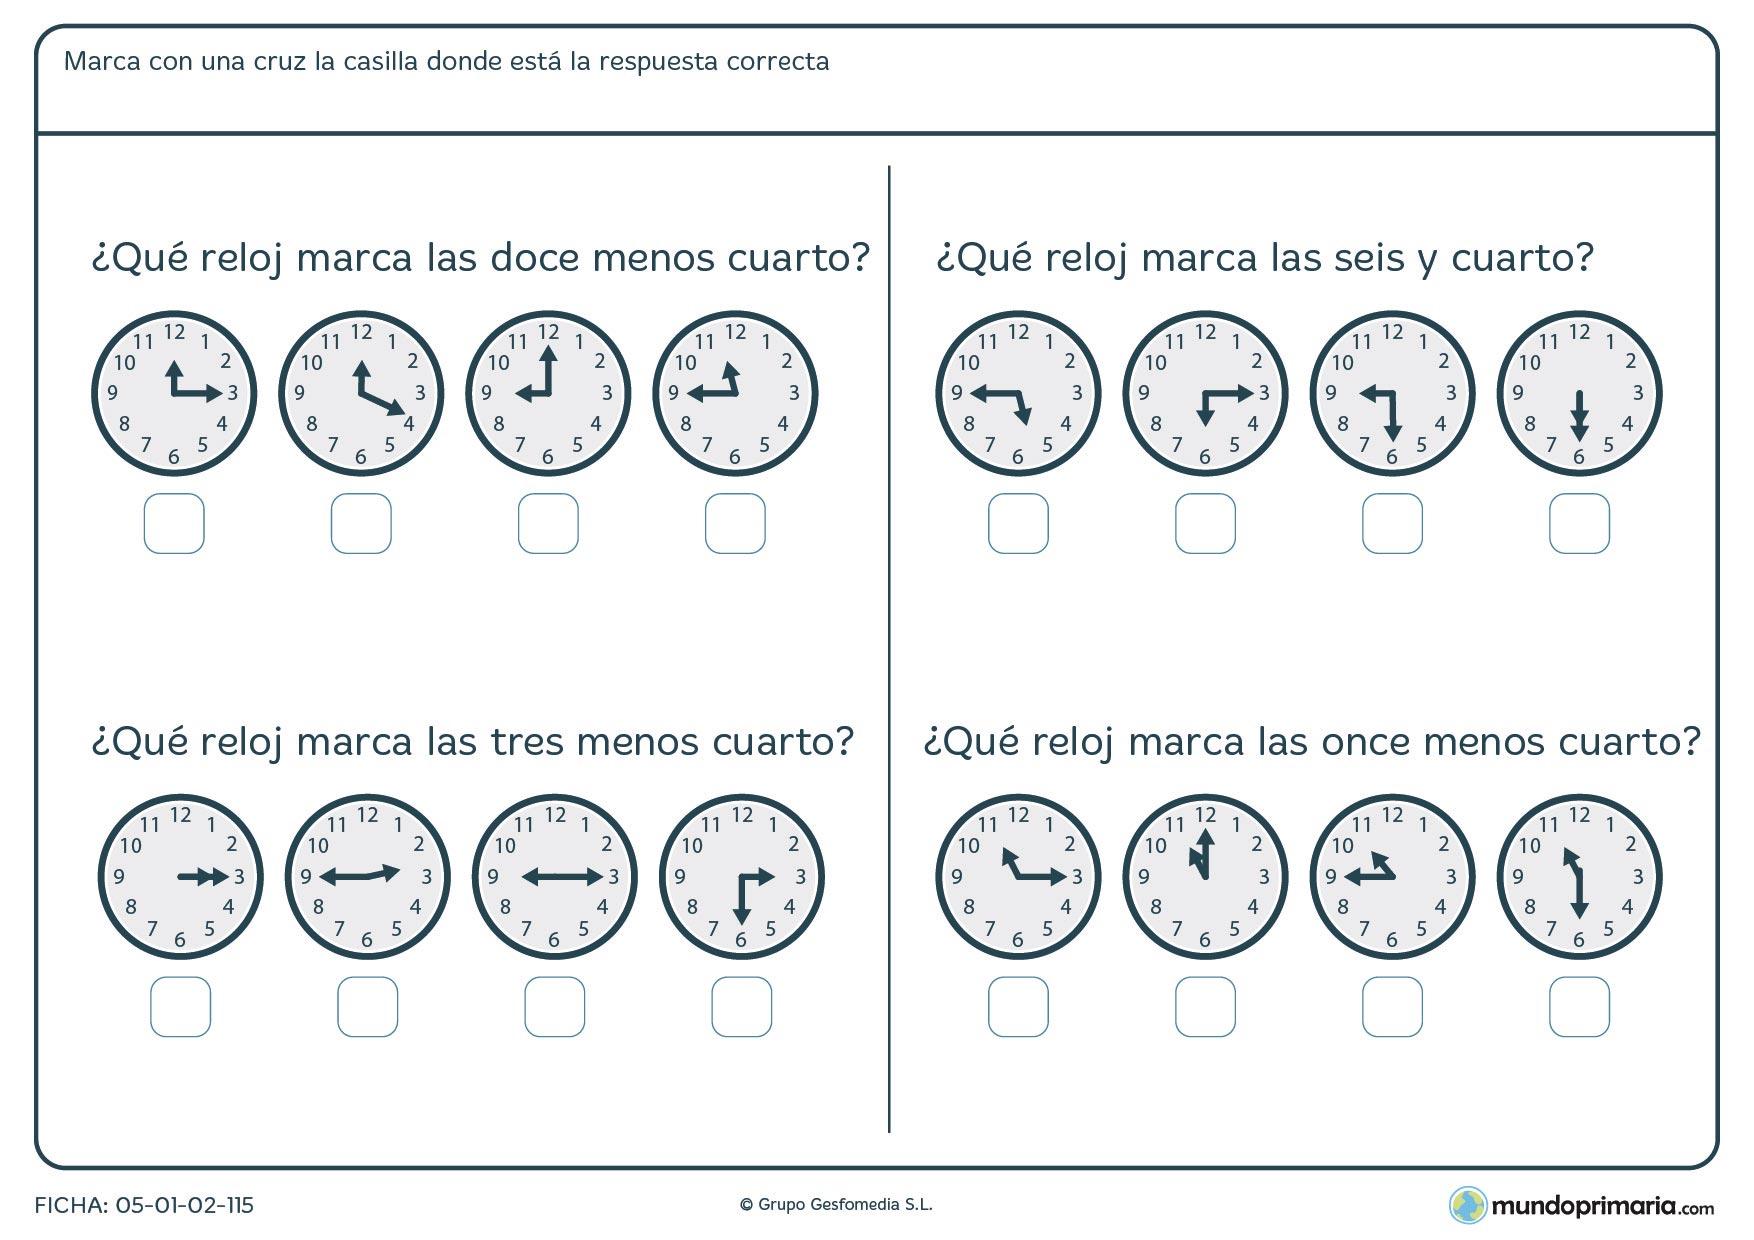 Ficha de cuartos de horas en relojes analógicoa para marcar la hora según se nos pide.